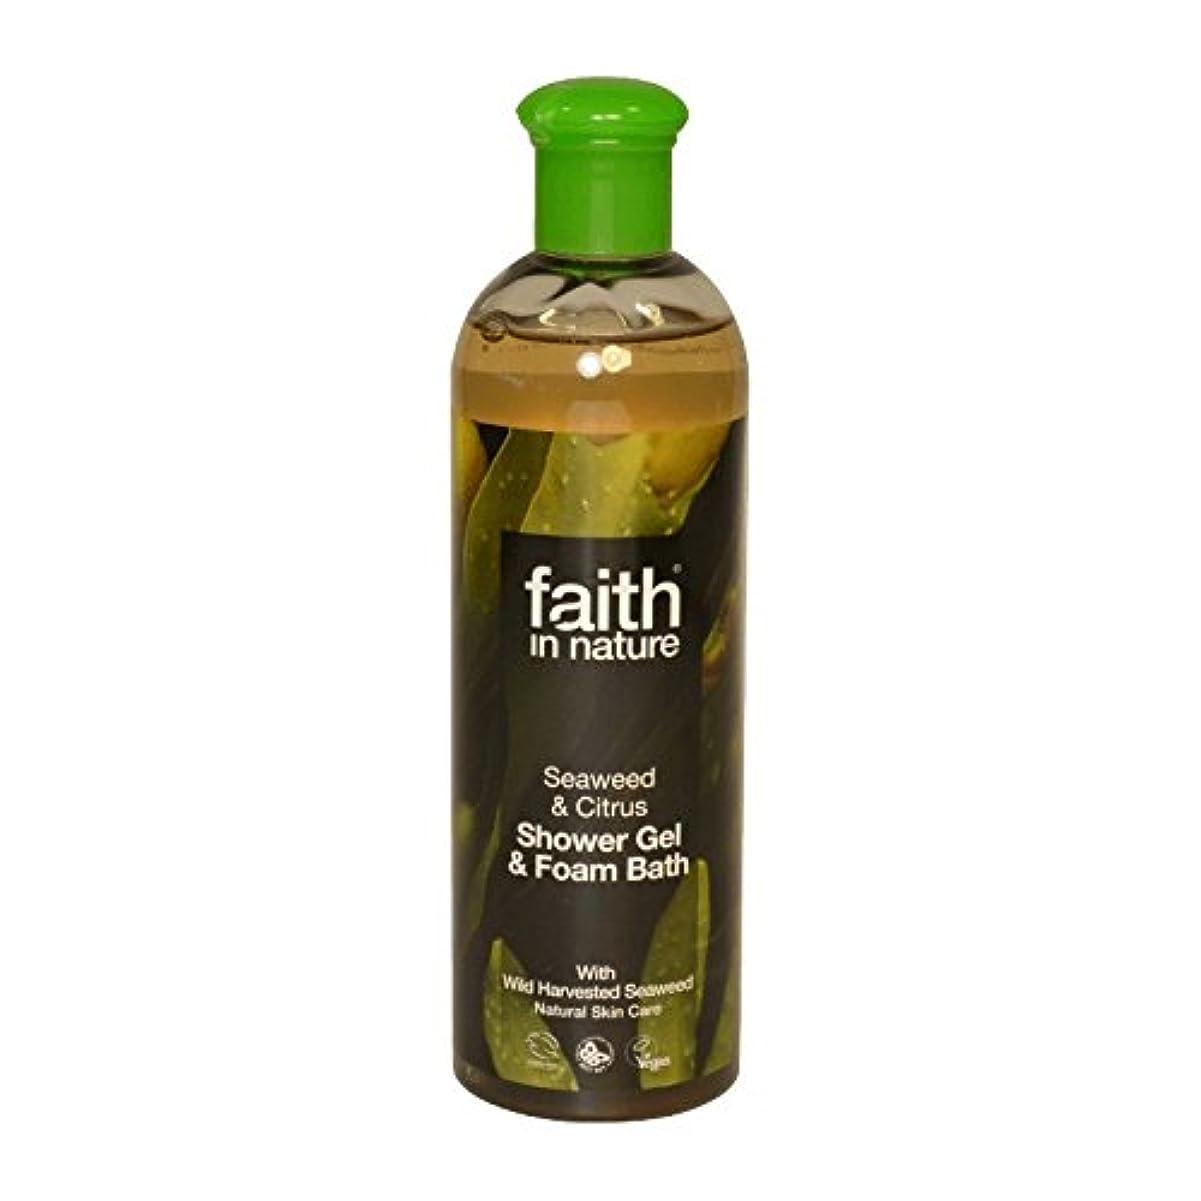 酔っ払いホールド親愛な自然の海藻&シトラスシャワージェル&バス泡400ミリリットルの信仰 - Faith in Nature Seaweed & Citrus Shower Gel & Bath Foam 400ml (Faith in Nature...